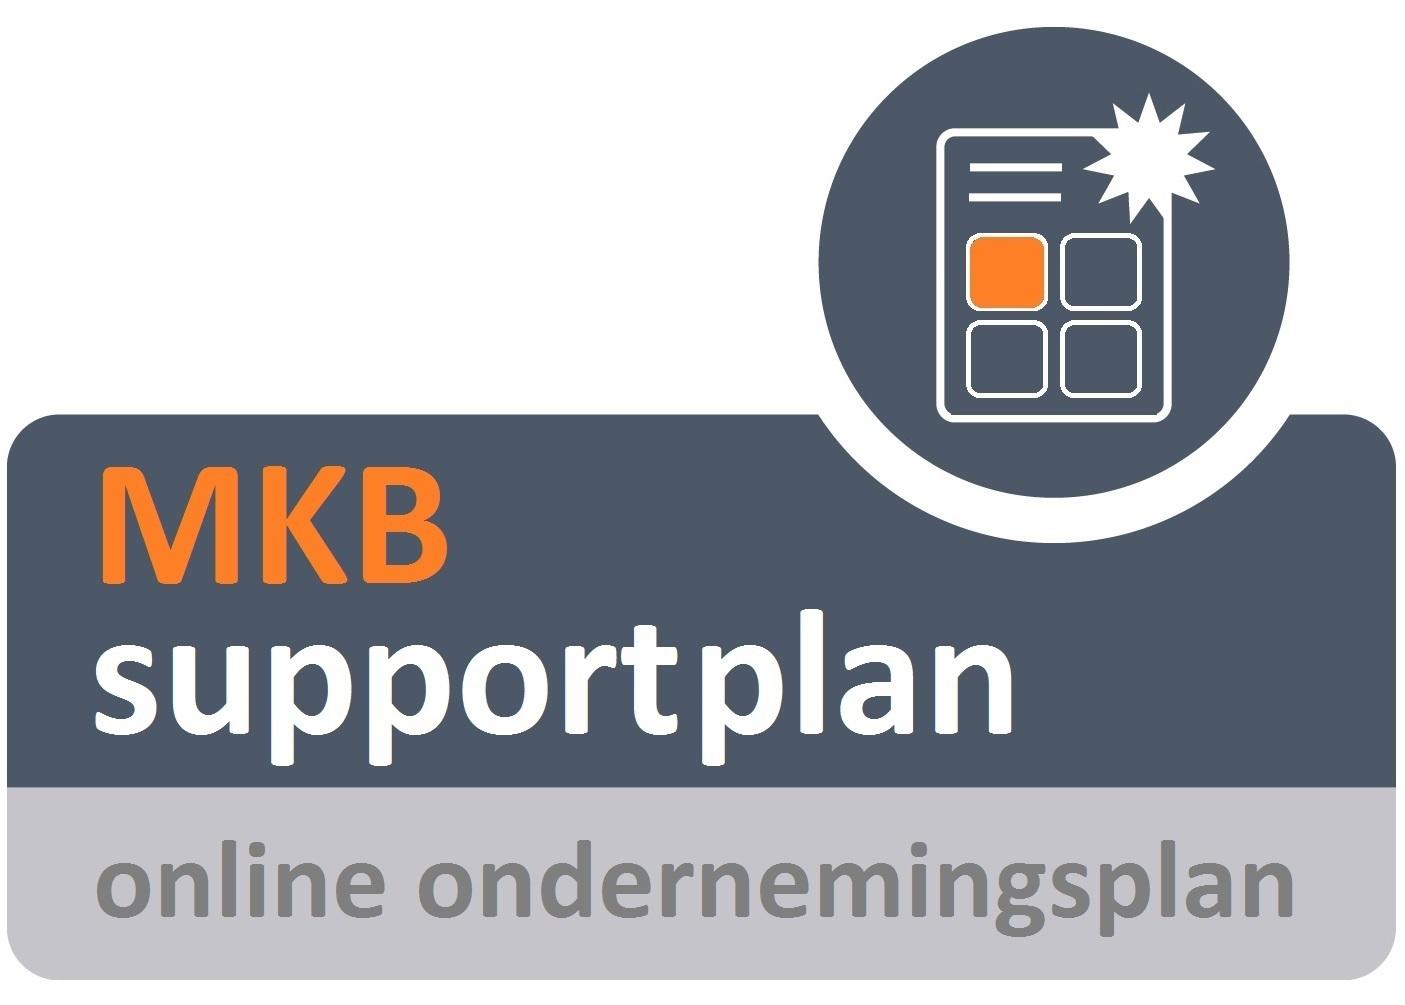 ondernemingsplan, businessplan, bedrijfsplan, training ondernemerschap, businesscoach, voorbeeld ondernemersplan